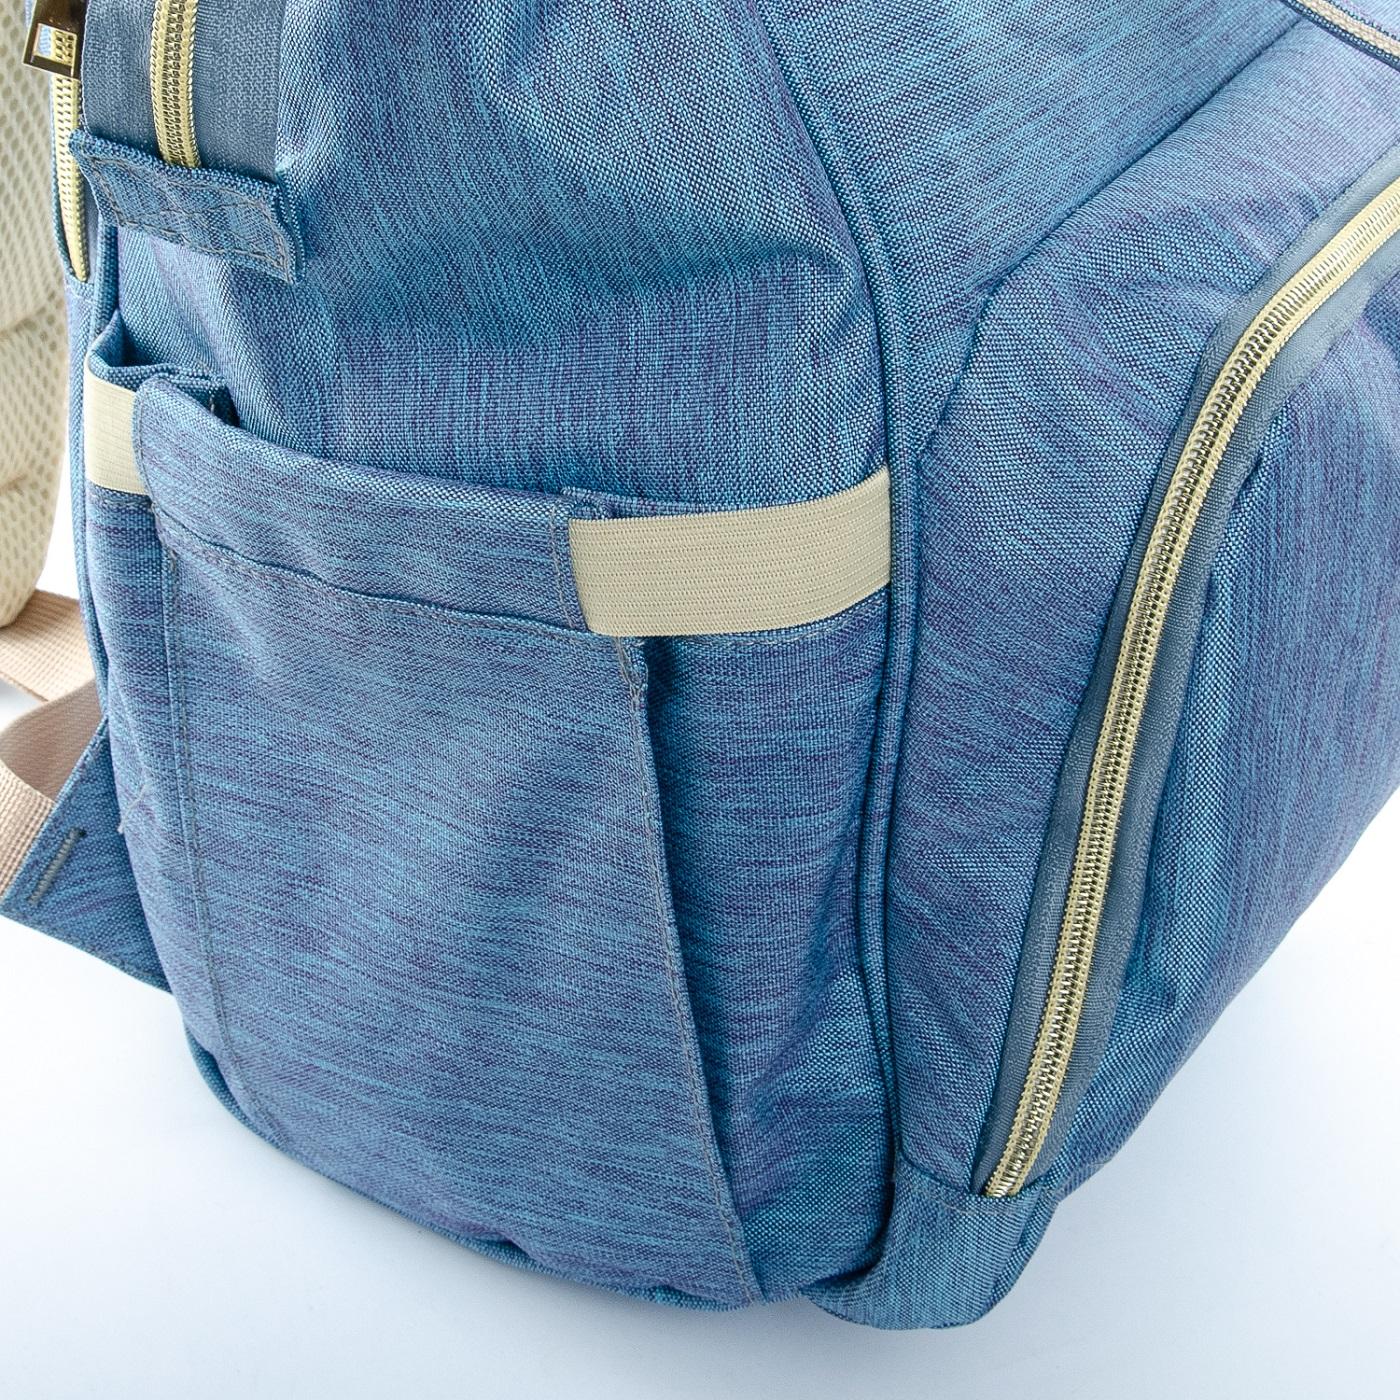 Сумка Женская Рюкзак нейлон Lanpad D900 blue - фото 5